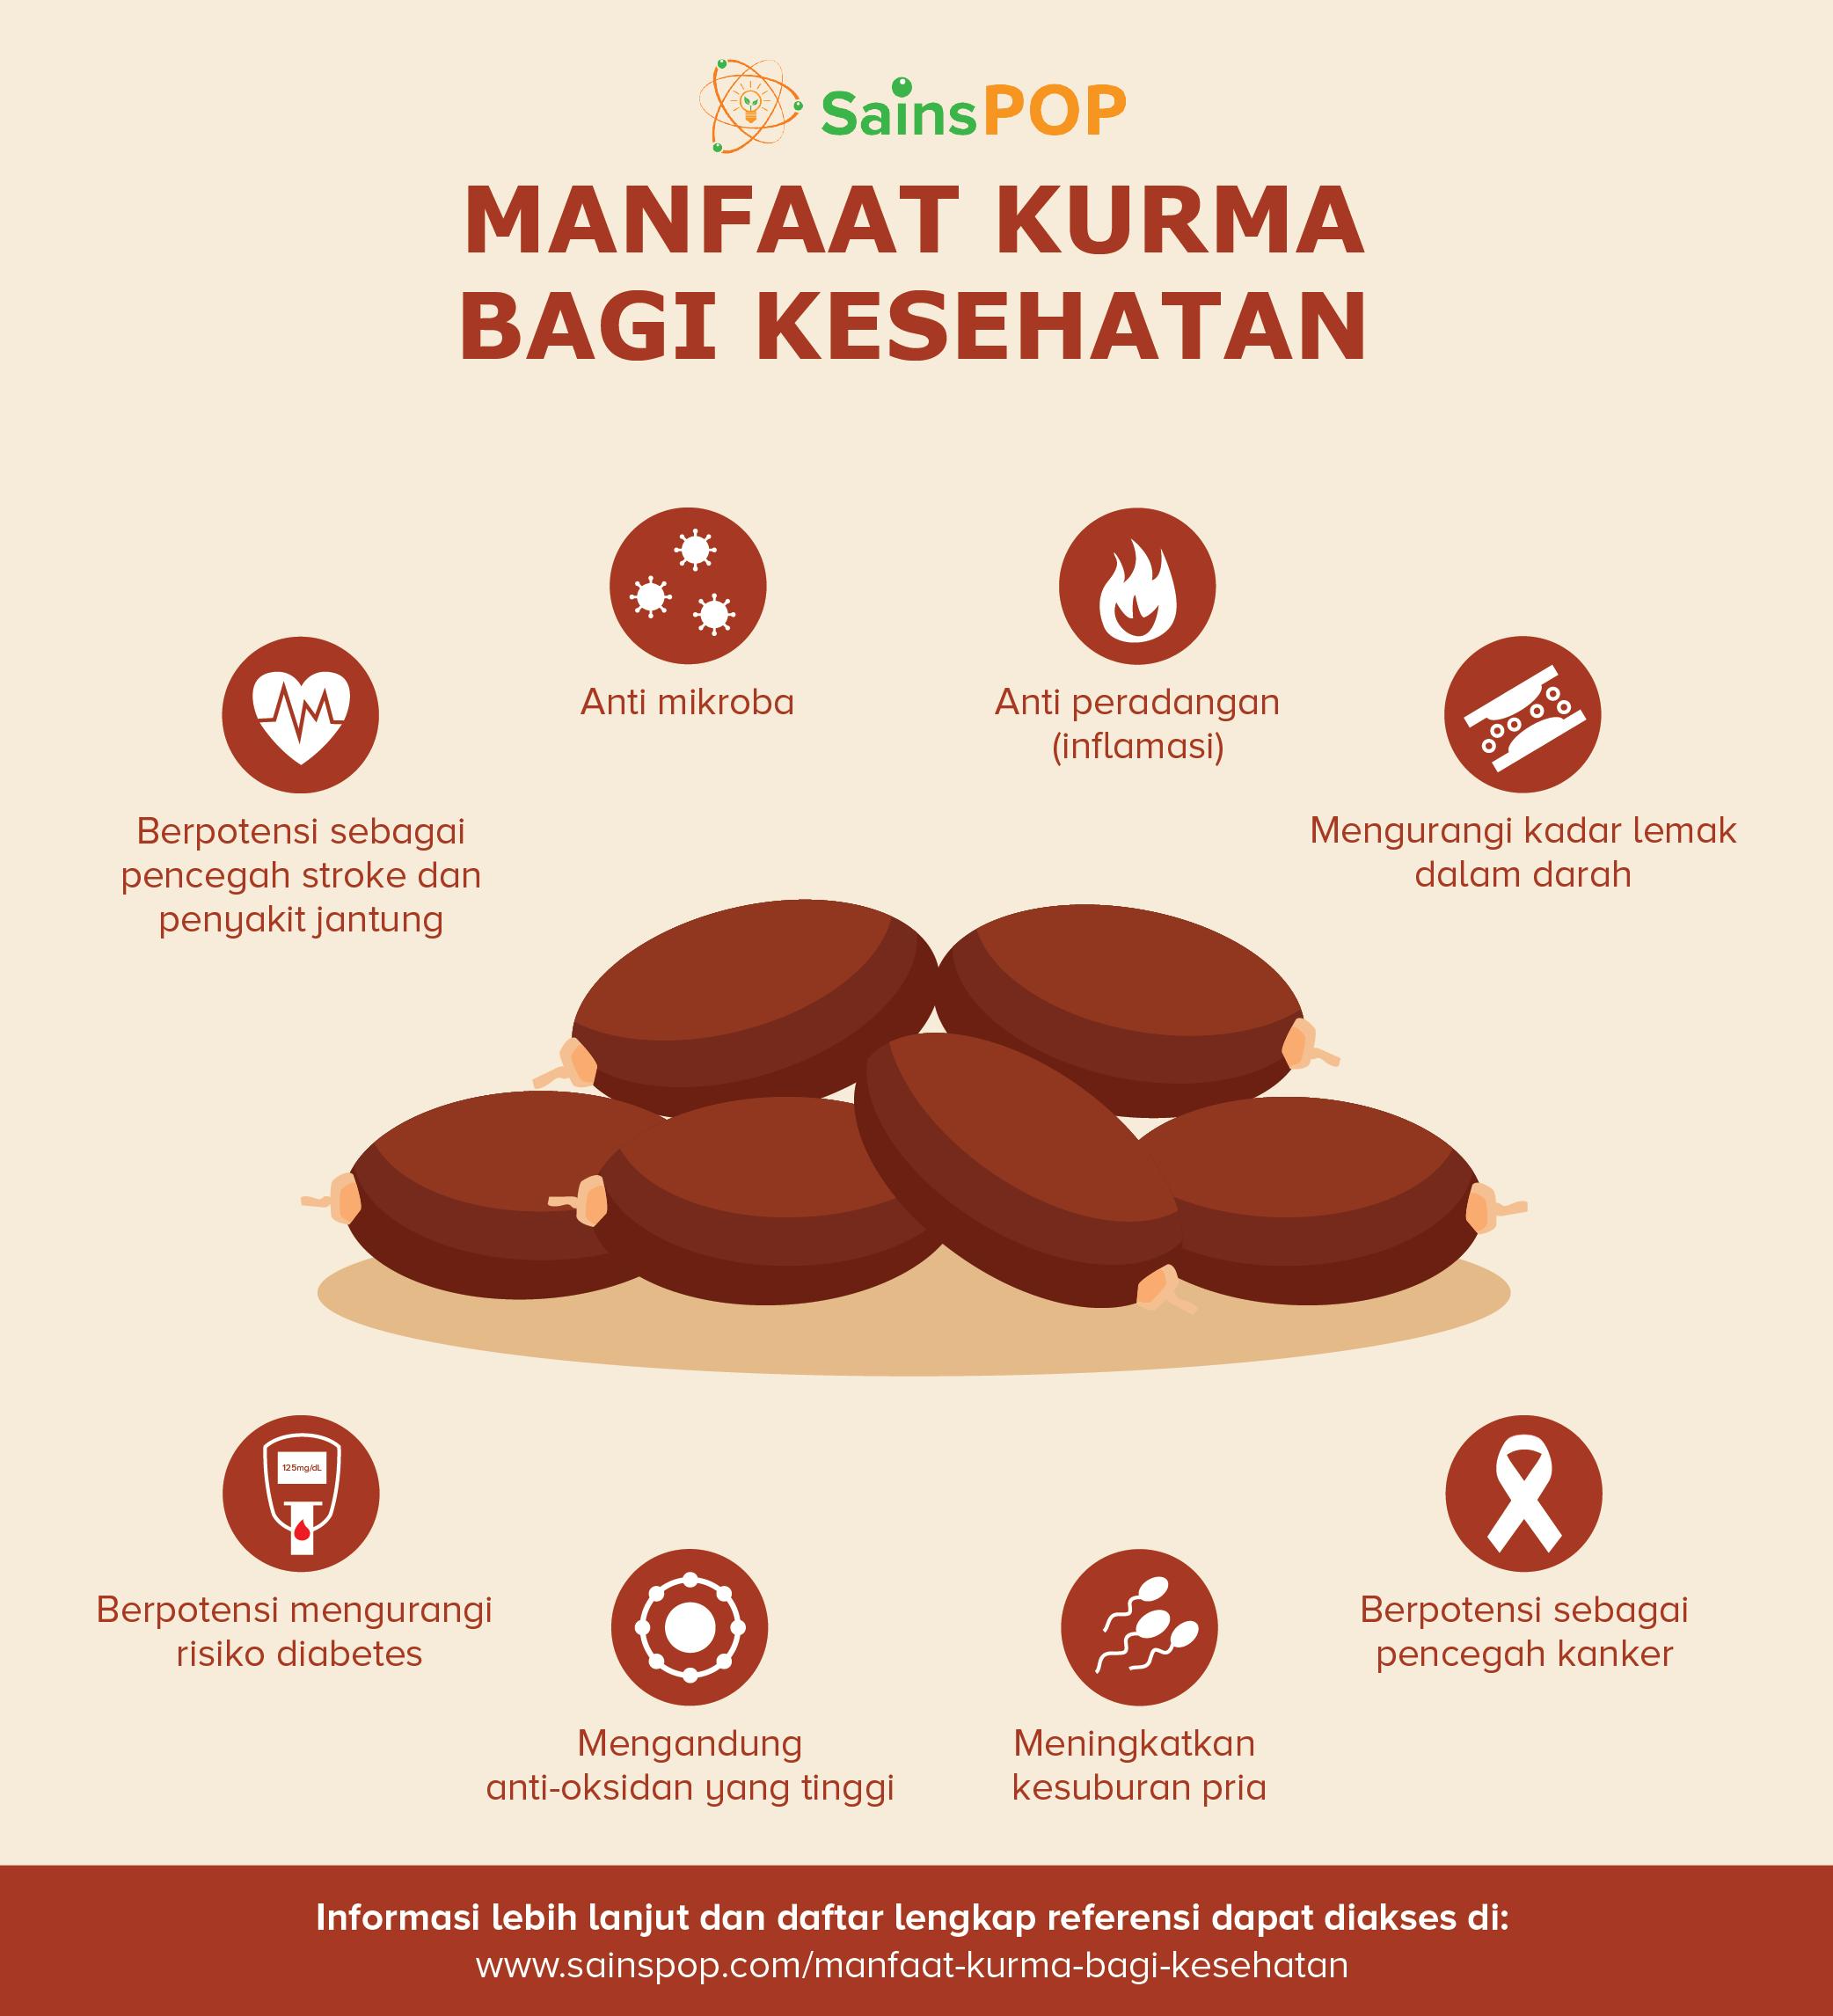 Manfaat Kurma Bagi Kesehatan